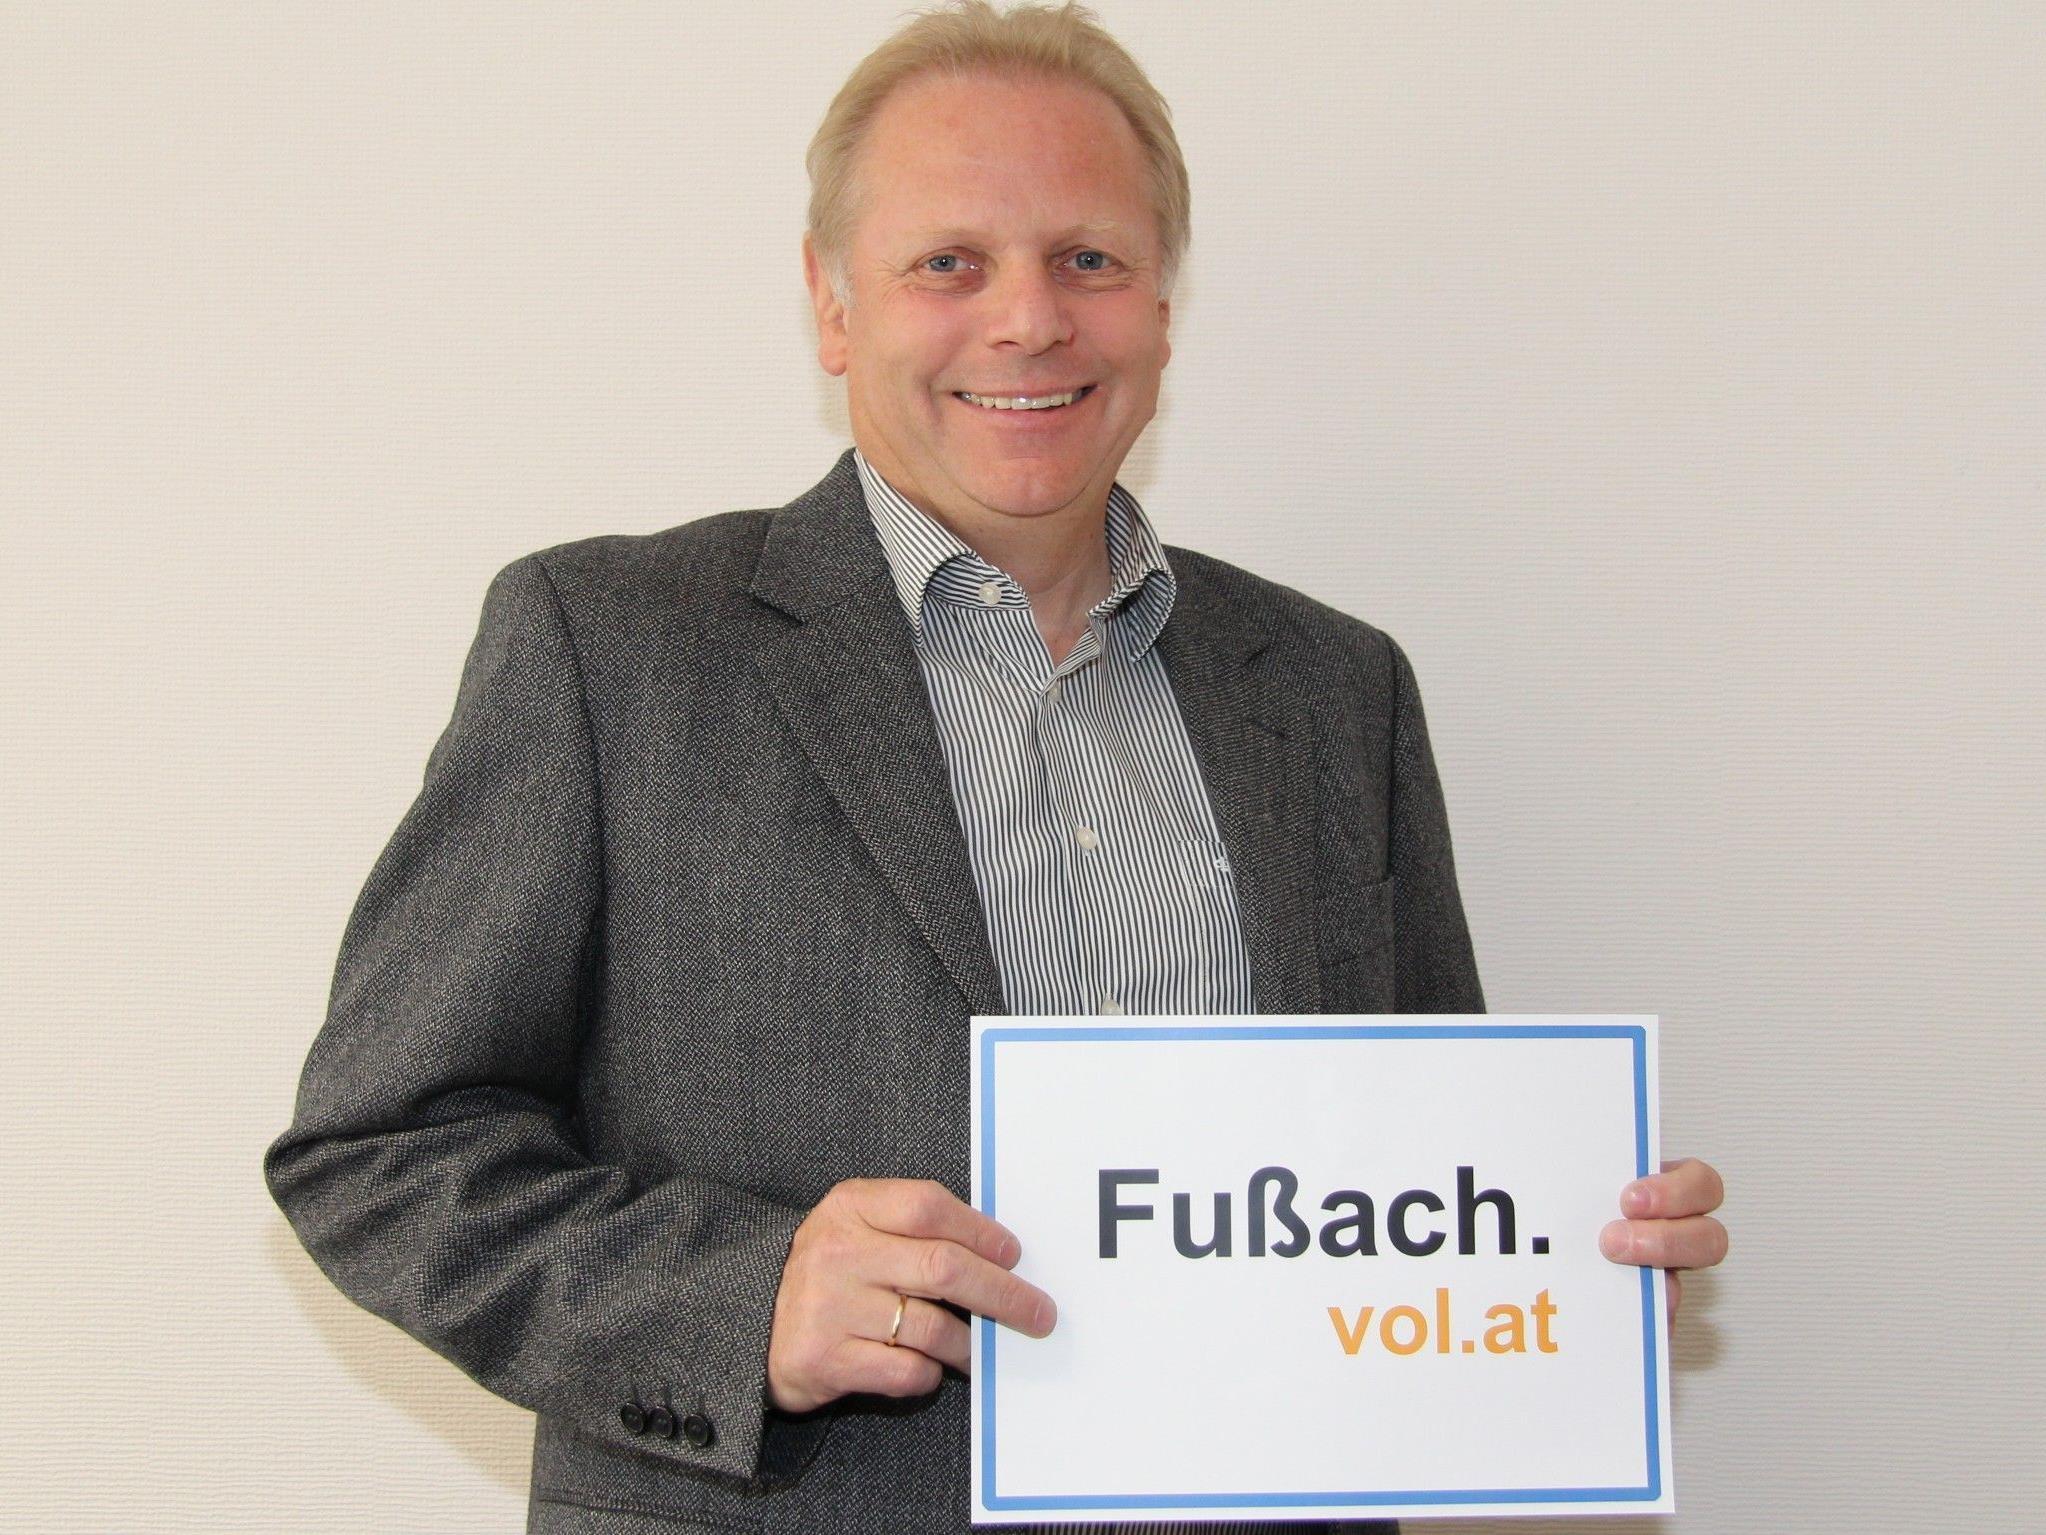 Bürgermeister Ernst Blum im Gespräch mit VOL.AT.